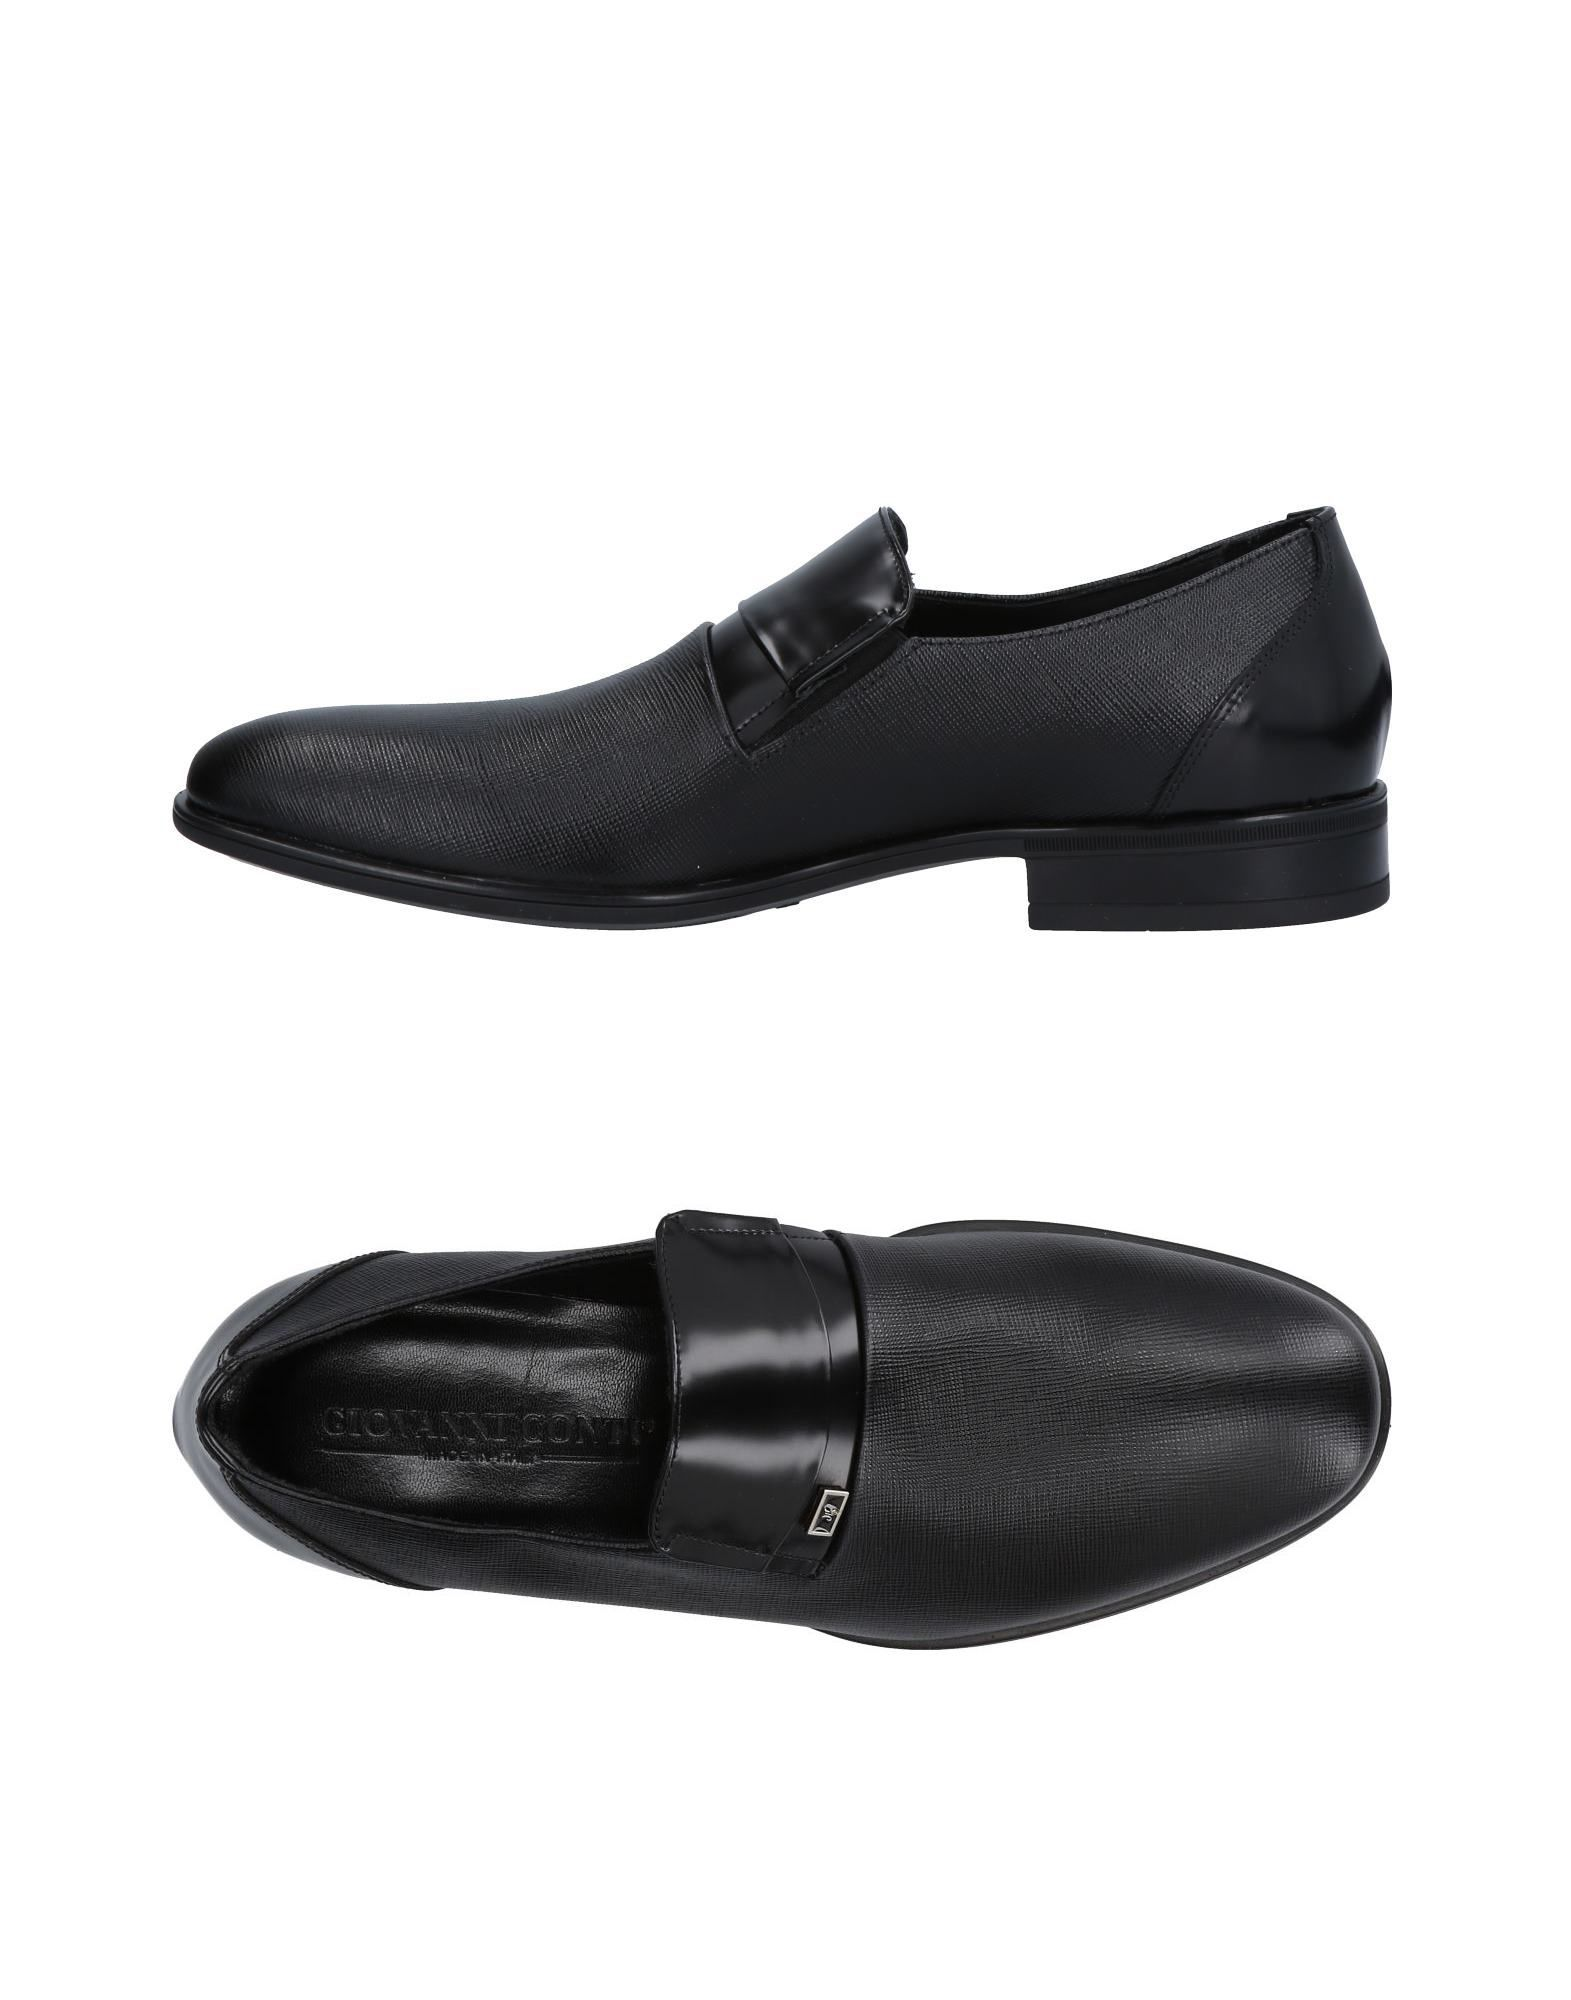 Giovanni Conti Mokassins Herren beliebte  11471577OT Gute Qualität beliebte Herren Schuhe 6804da